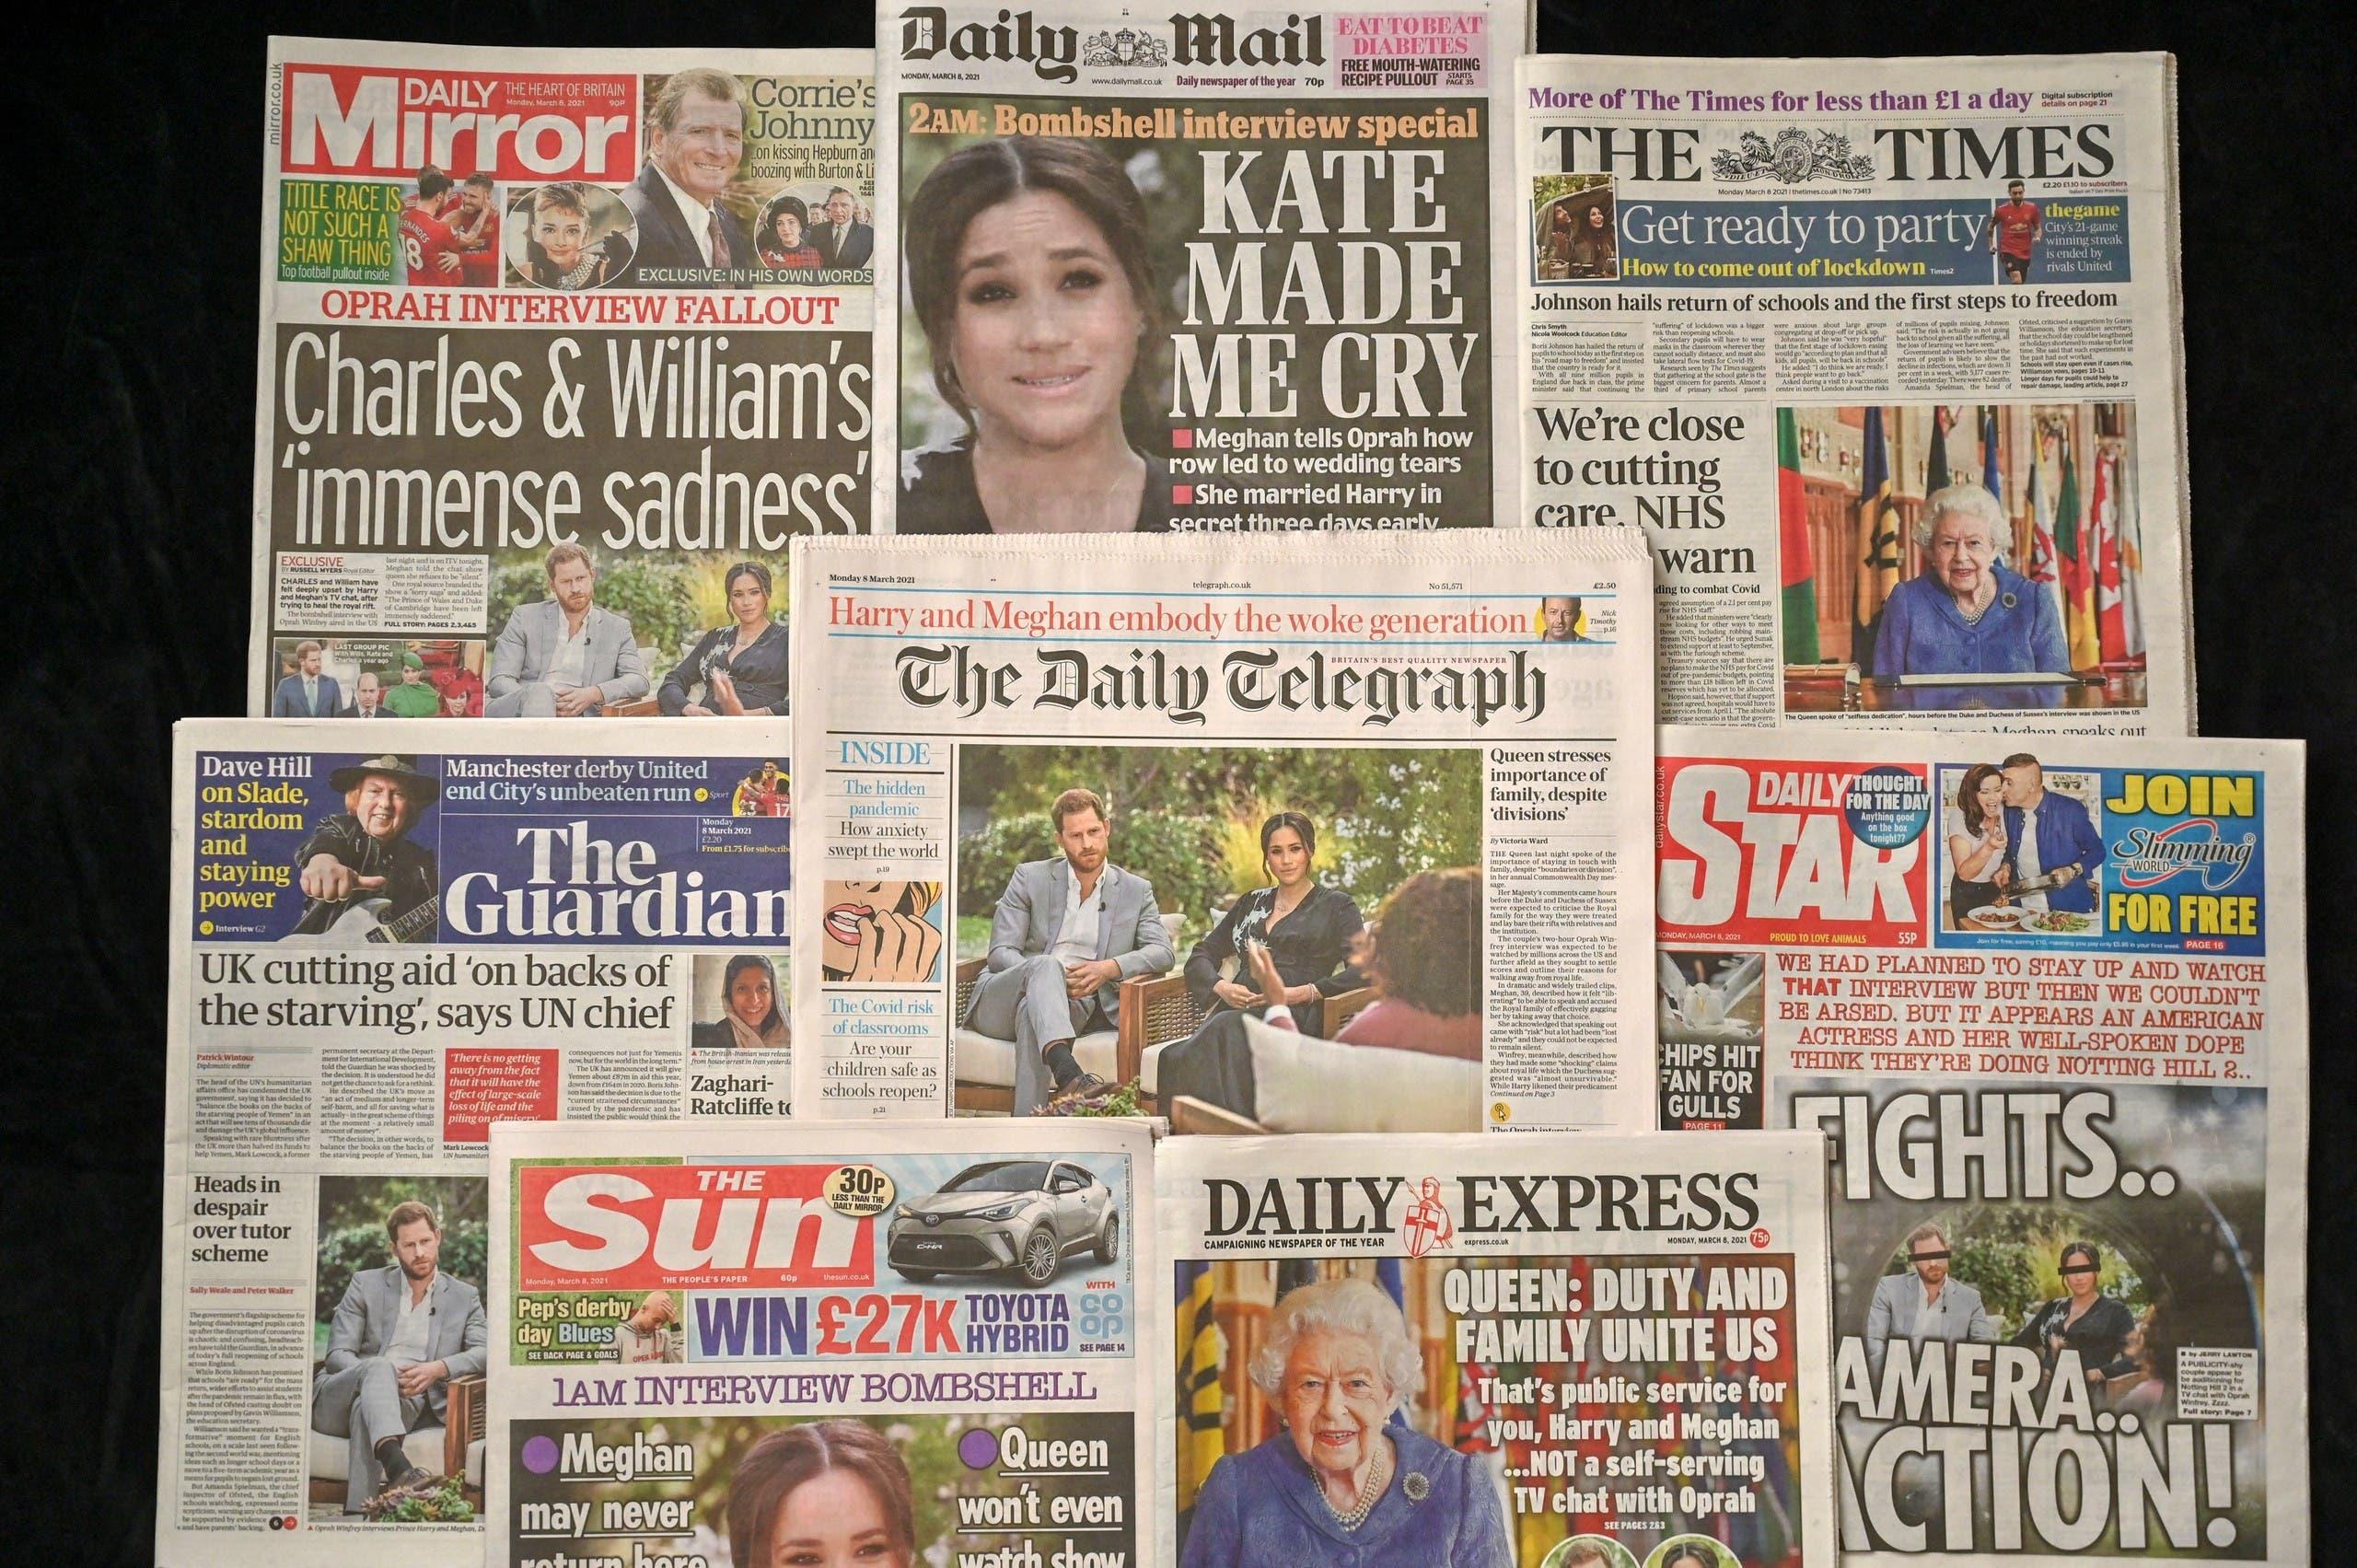 مجموعة من الصحف البريطانية تضع أخباراً من المقابلة على صفحتها الأولى